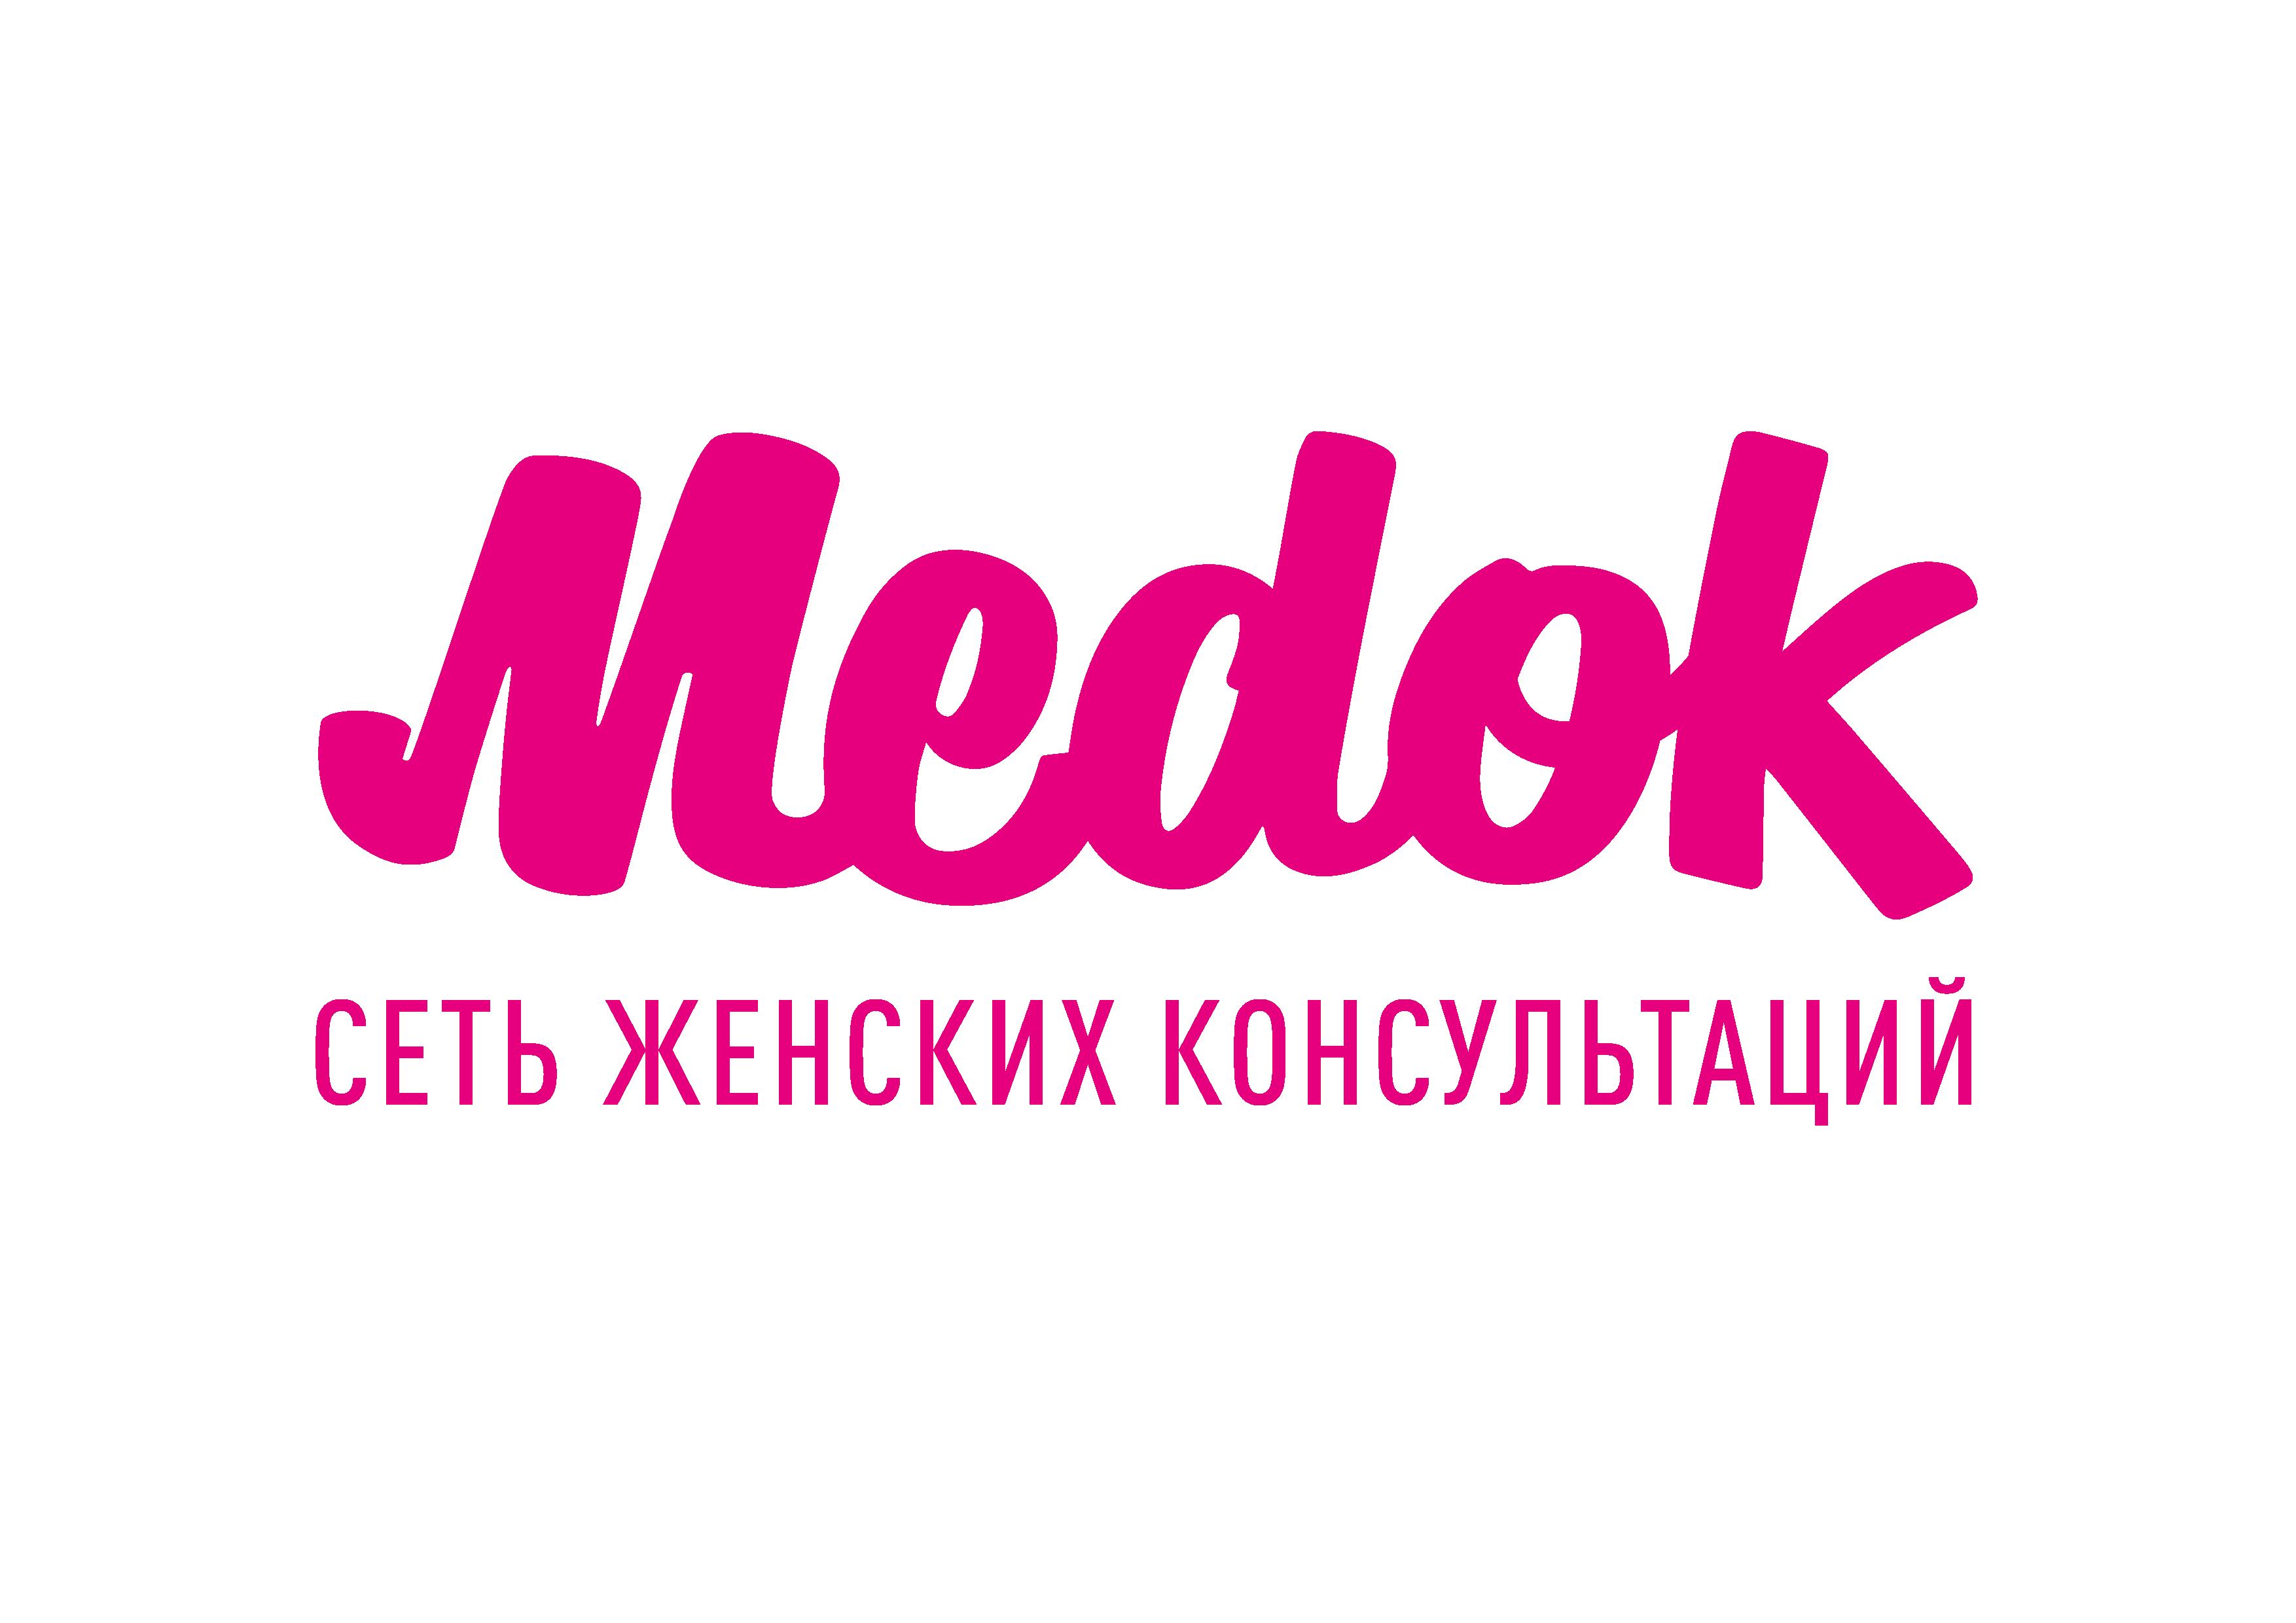 Женская консультация «Медок» в Бутово